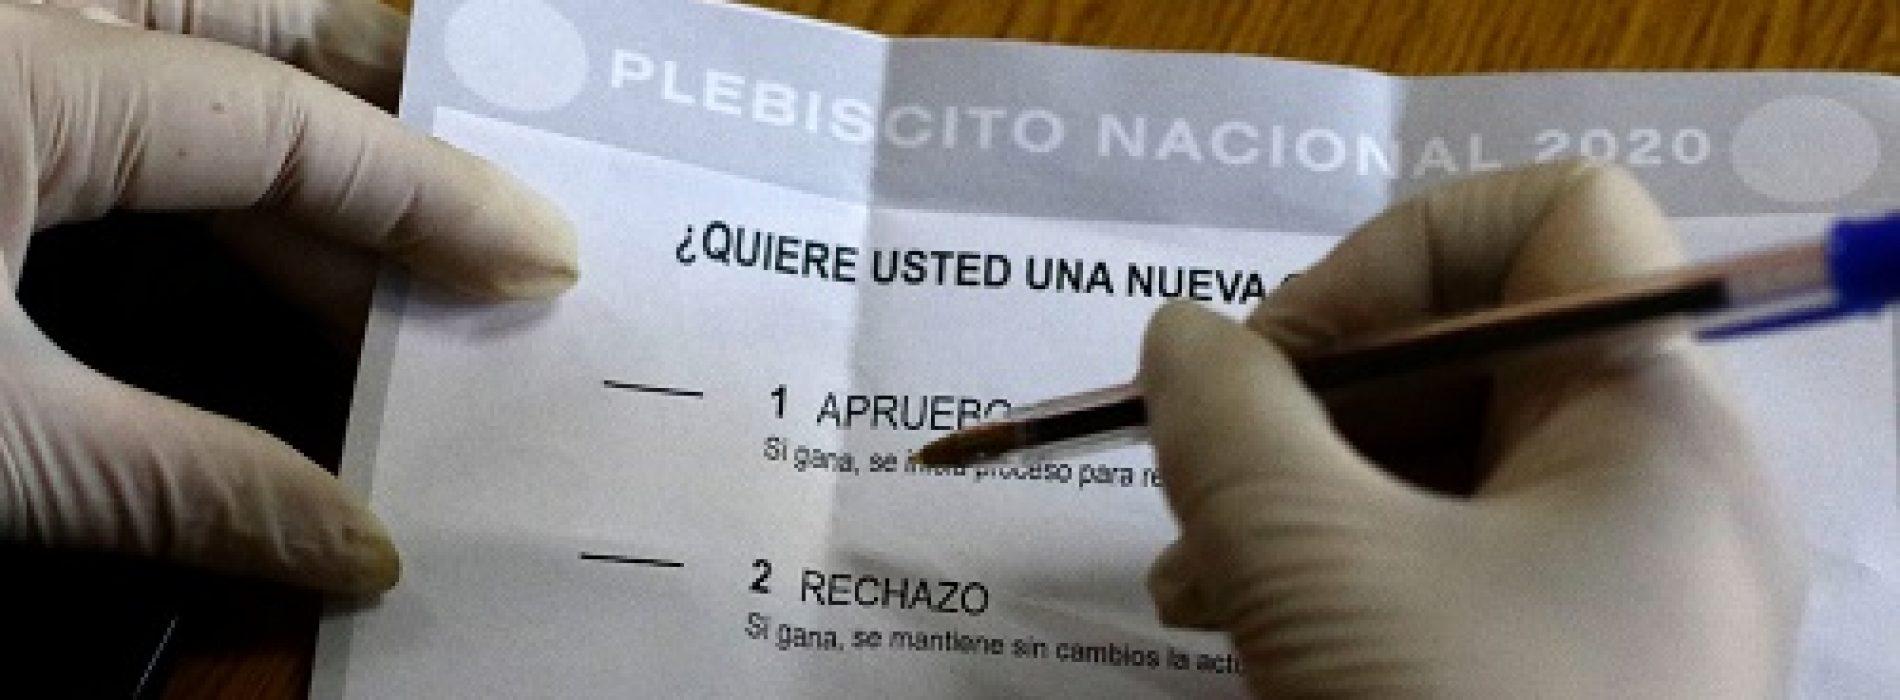 Plebiscito: Este viernes comenzará franja electoral televisada